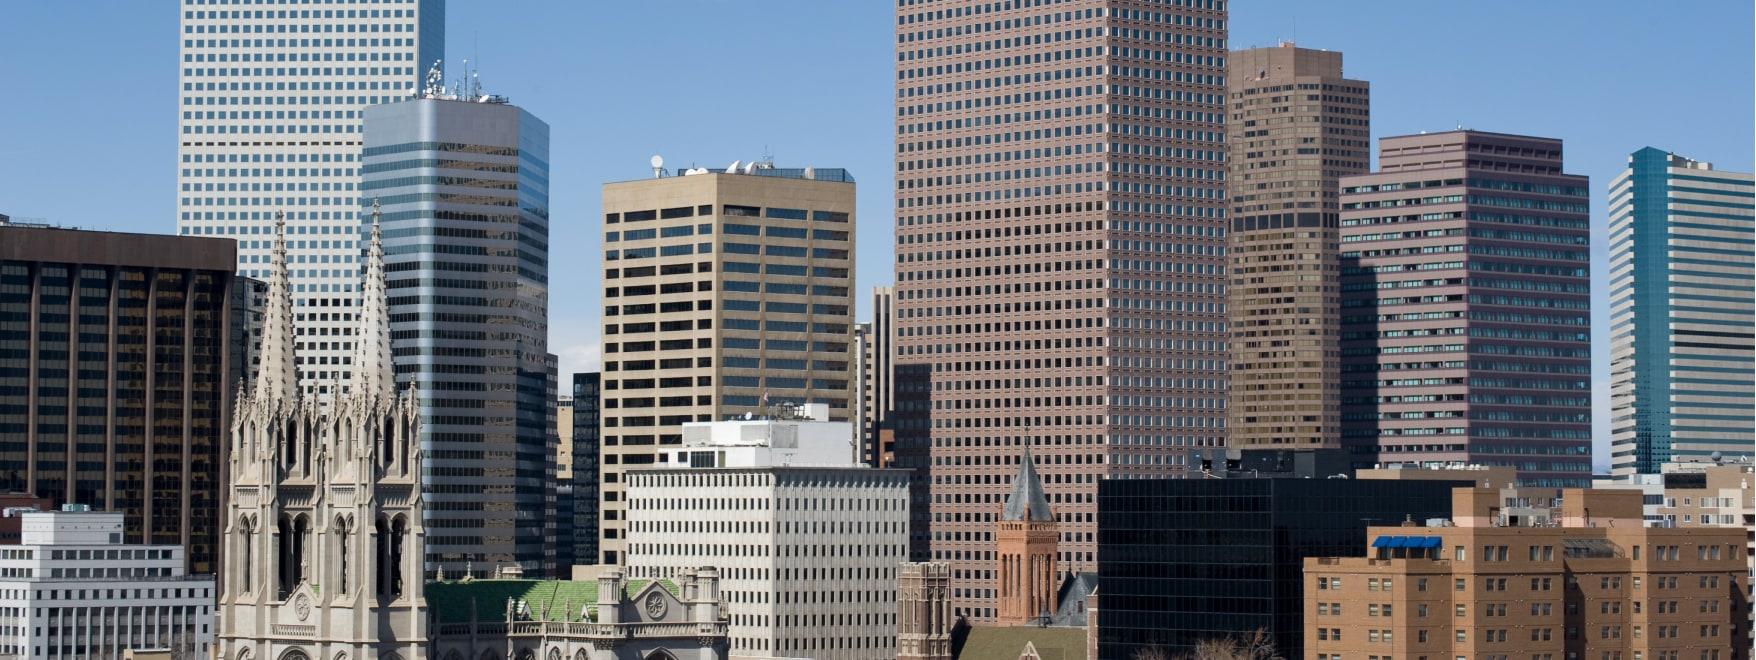 Denver Data Center (DE1)